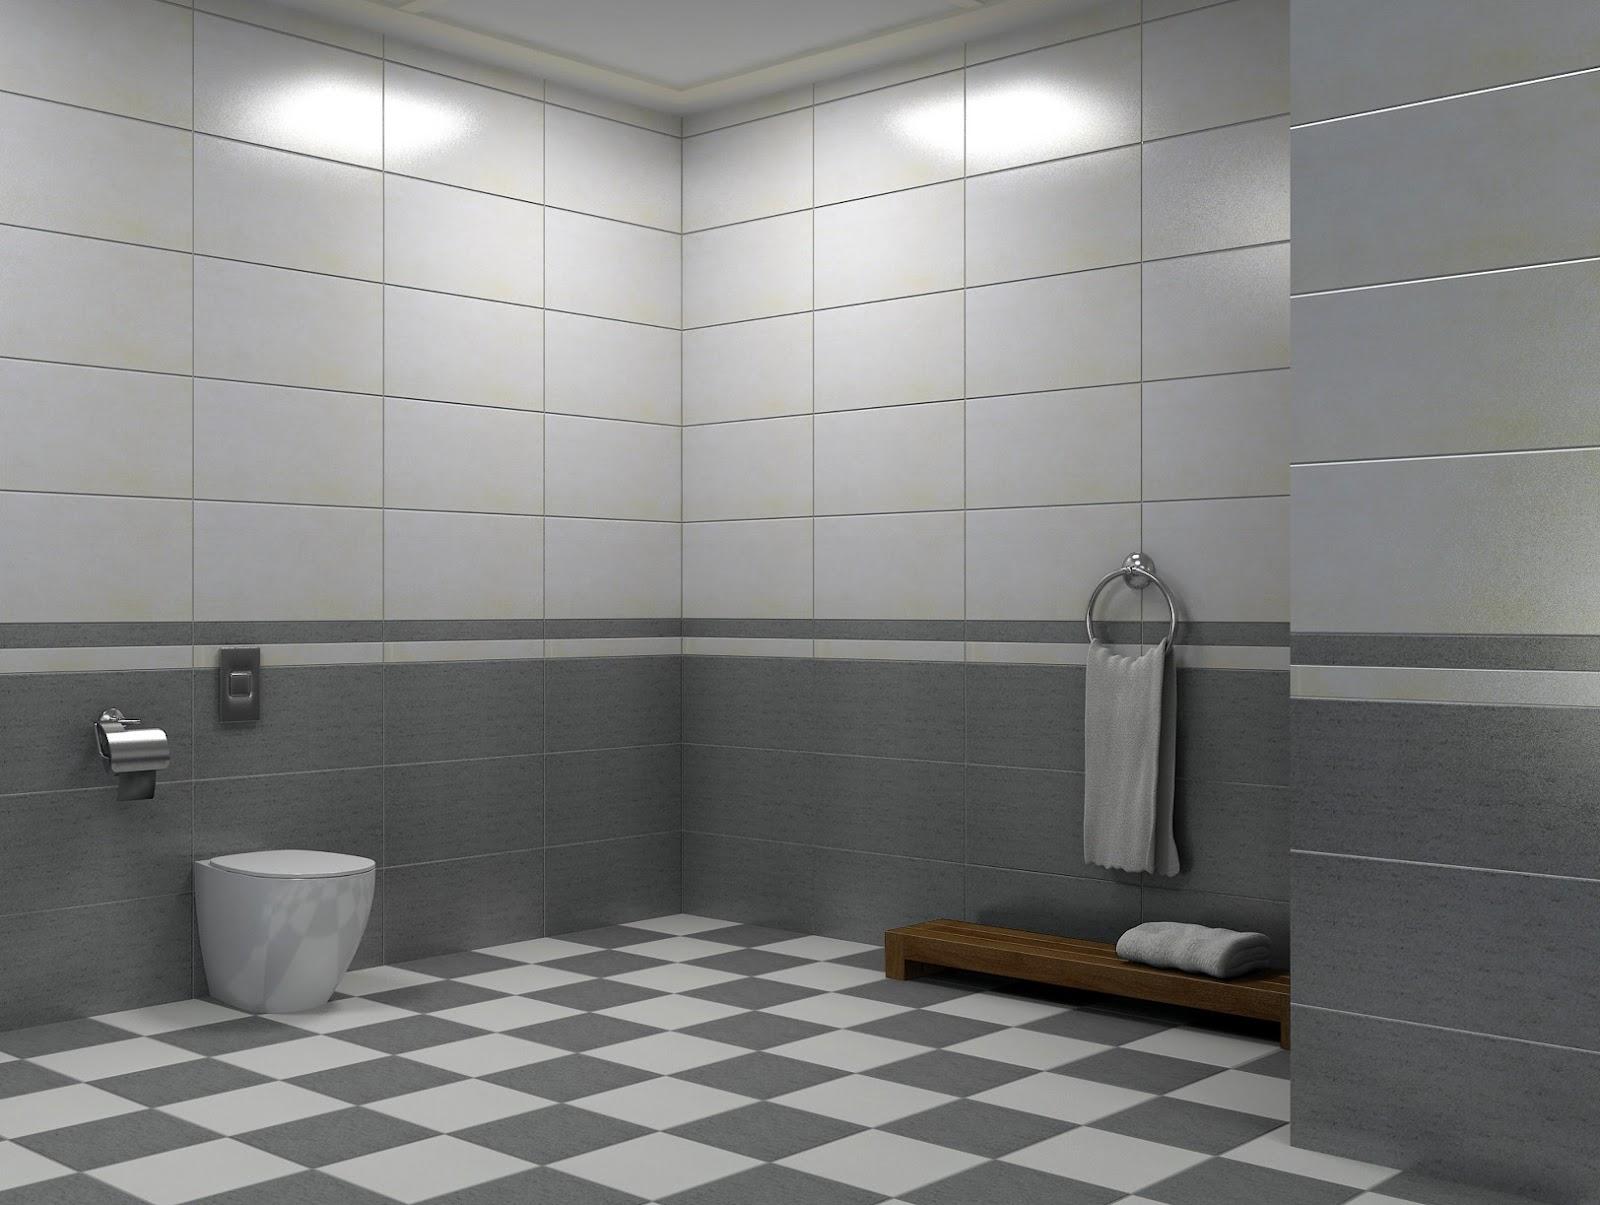 浴室瓷磚清洗|- 浴室瓷磚清洗| - 快熱資訊 - 走進時代